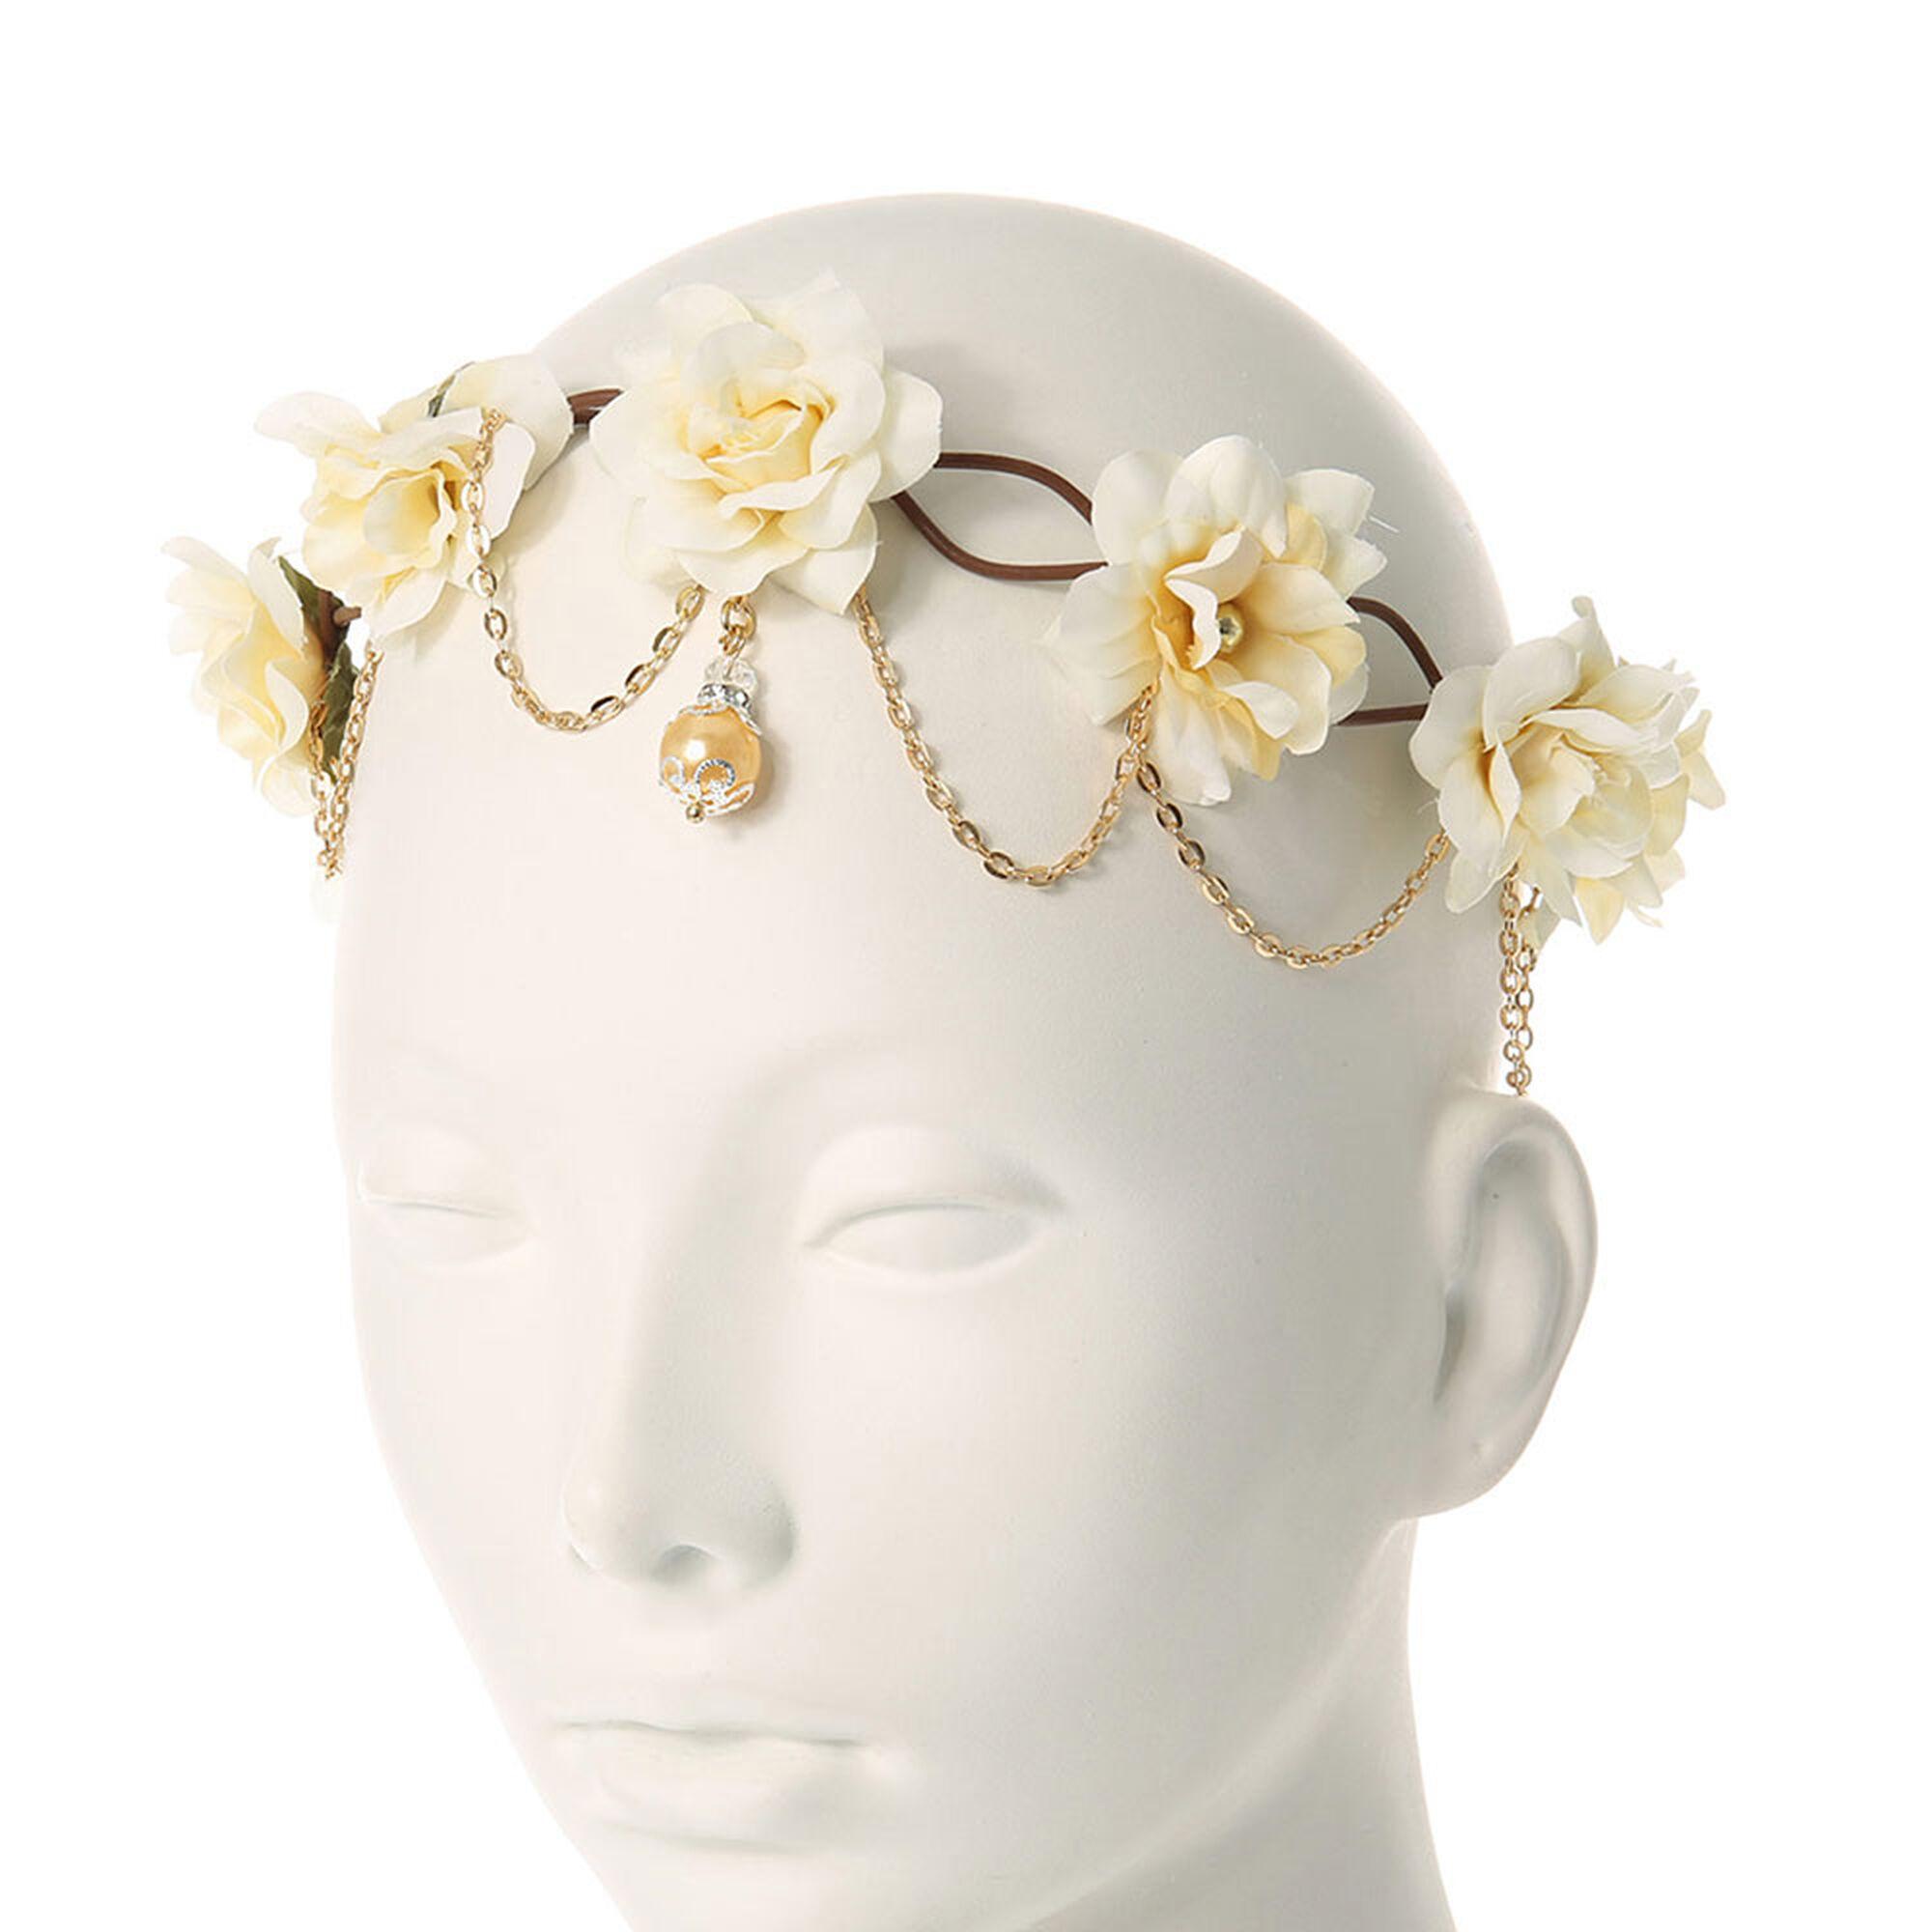 Cream flower crown headwrap claires cream flower crown headwrap izmirmasajfo